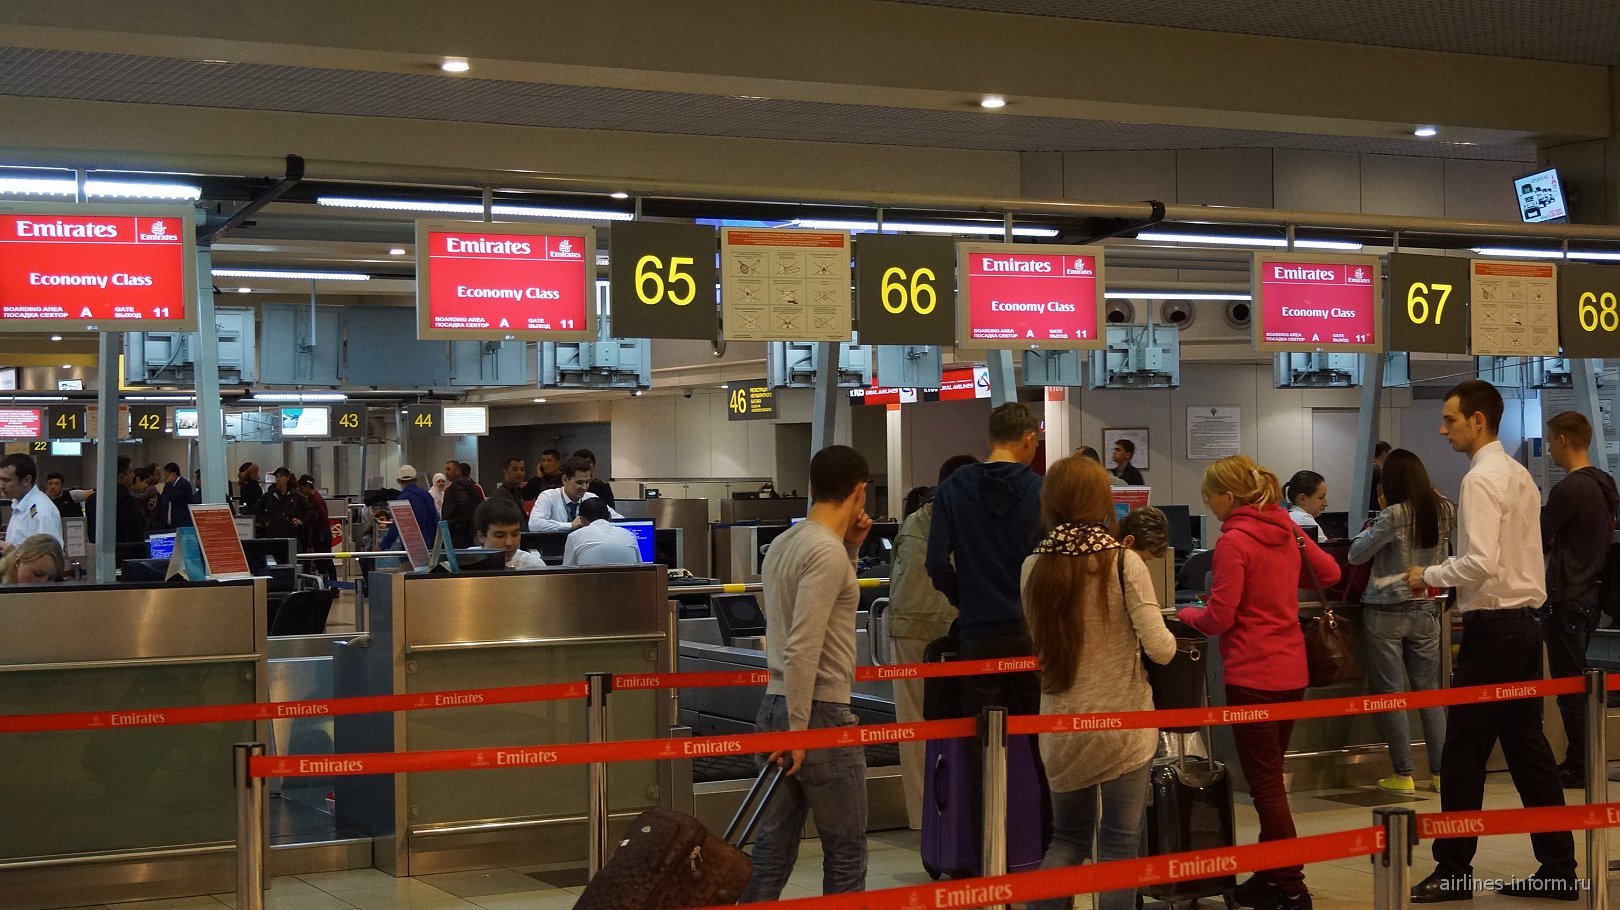 Регистрация на рейсы авиакомпании Emirates в аэропорту Домодедово